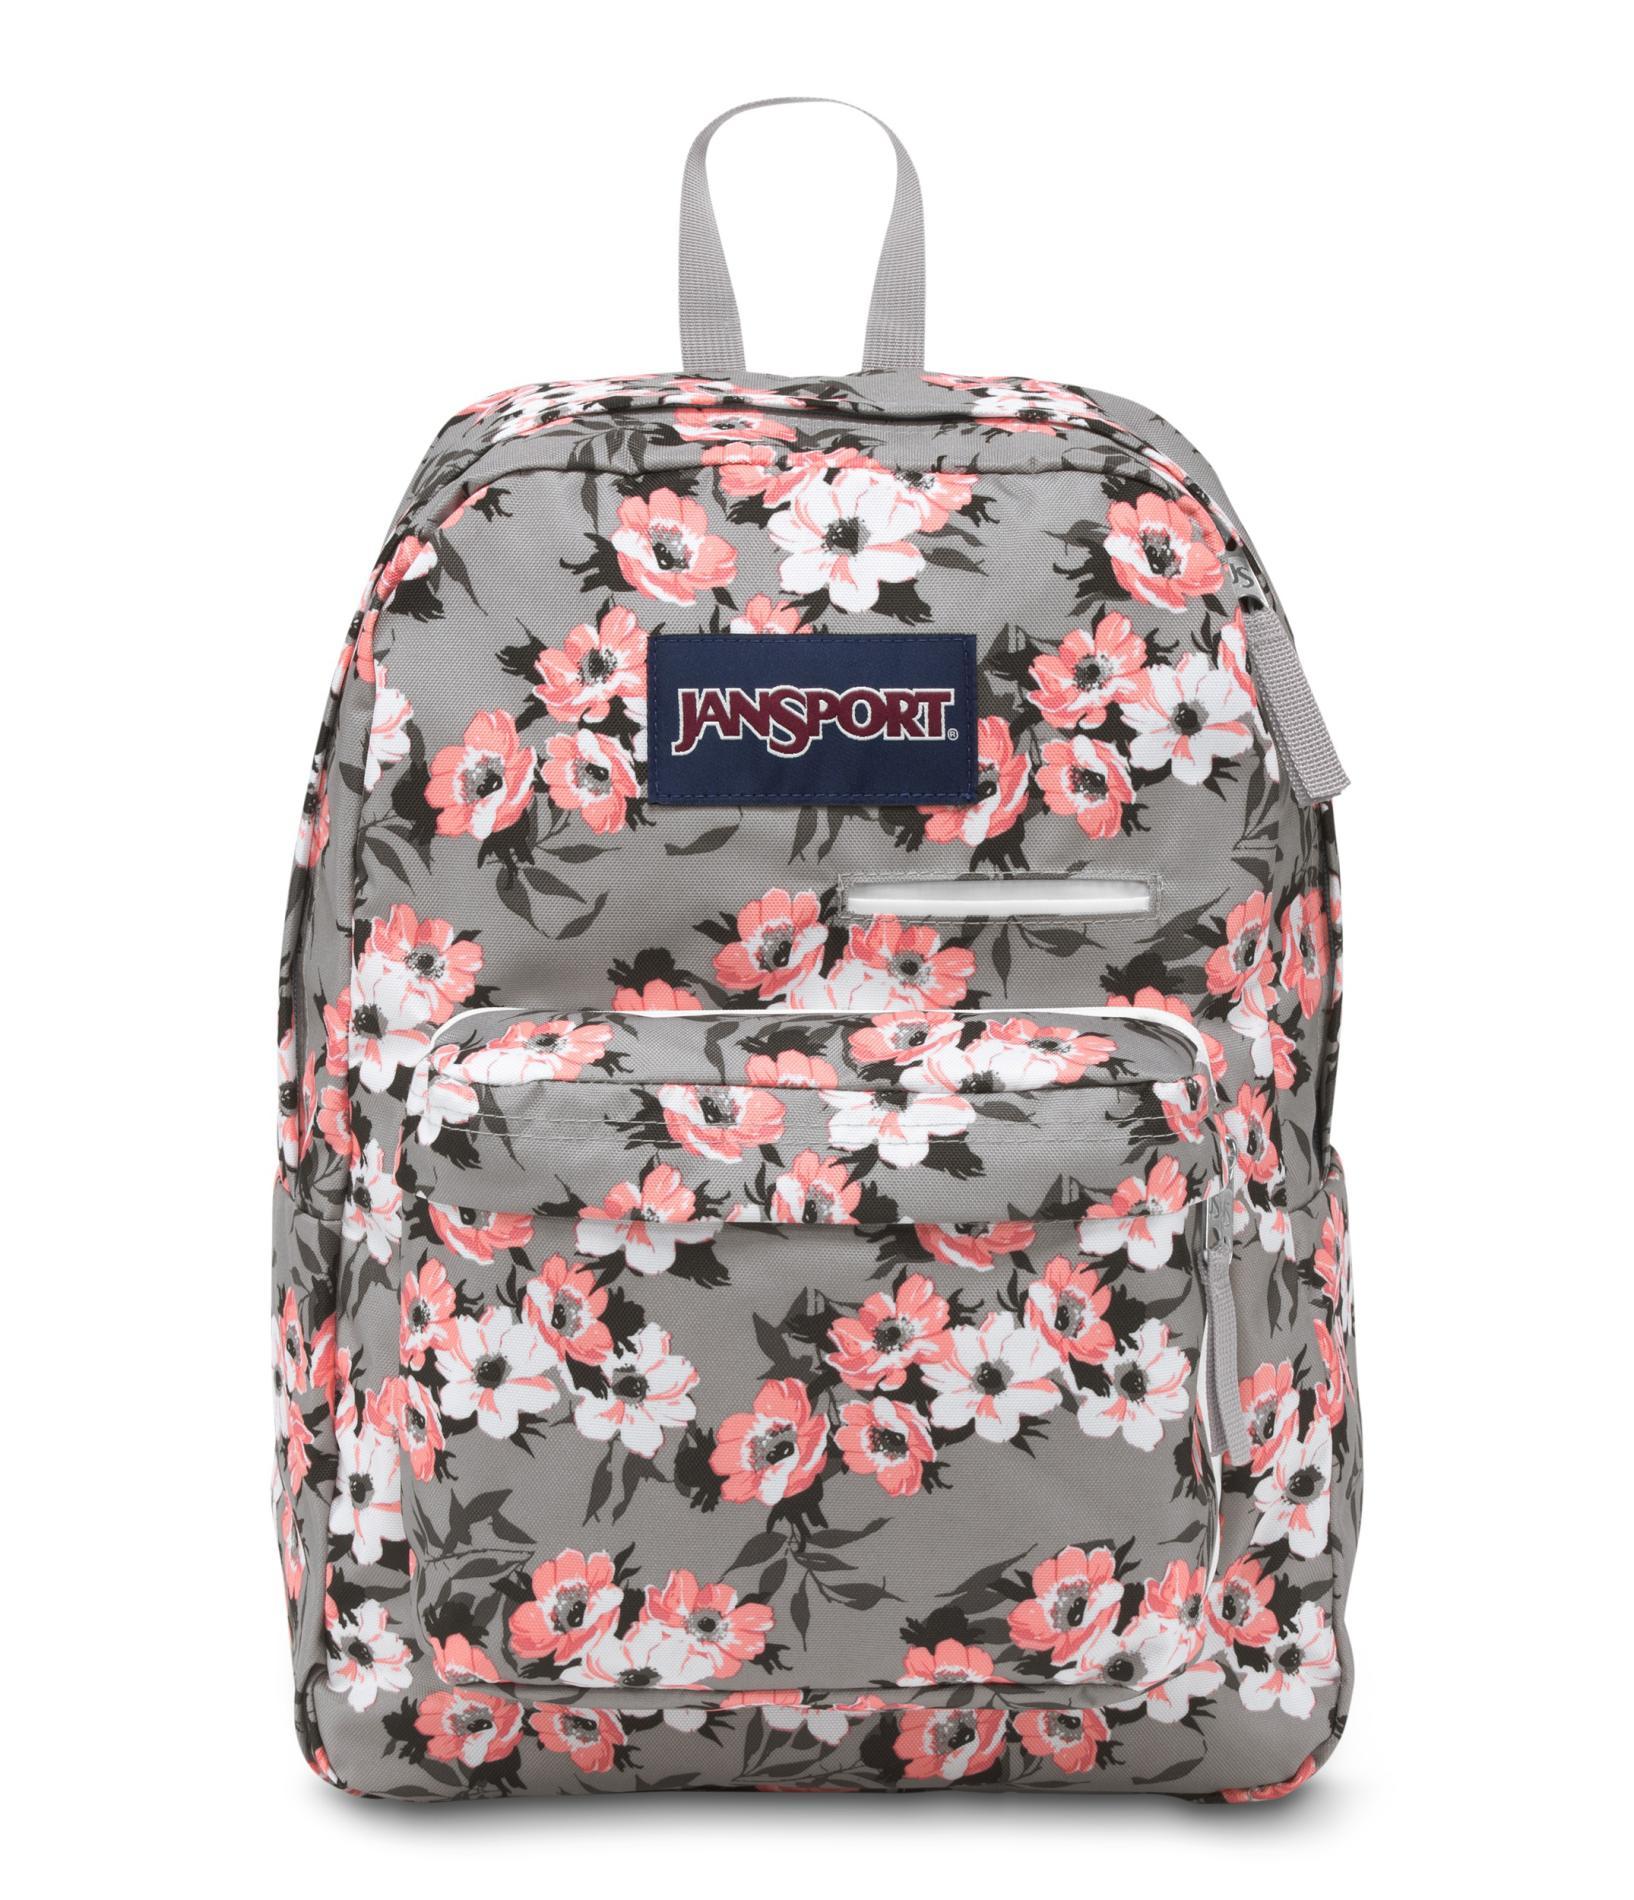 Jansport Digibreak Backpack Floral